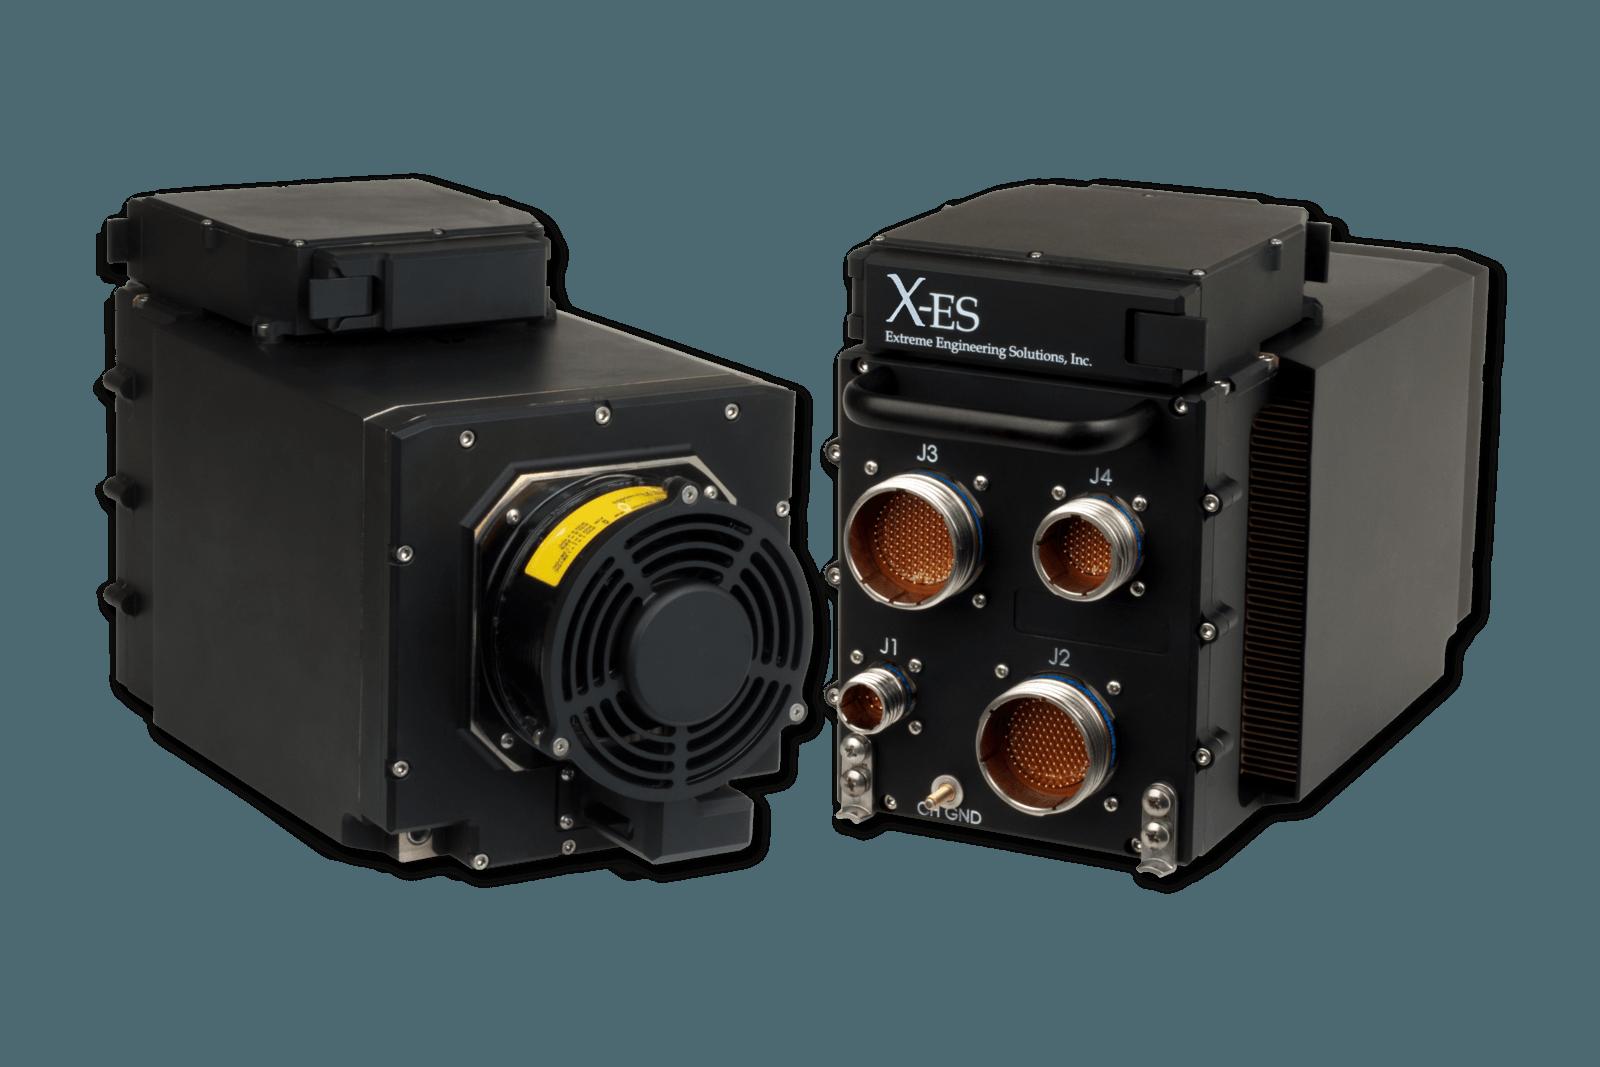 XPand4208 3U OpenVPX™ Rugged System